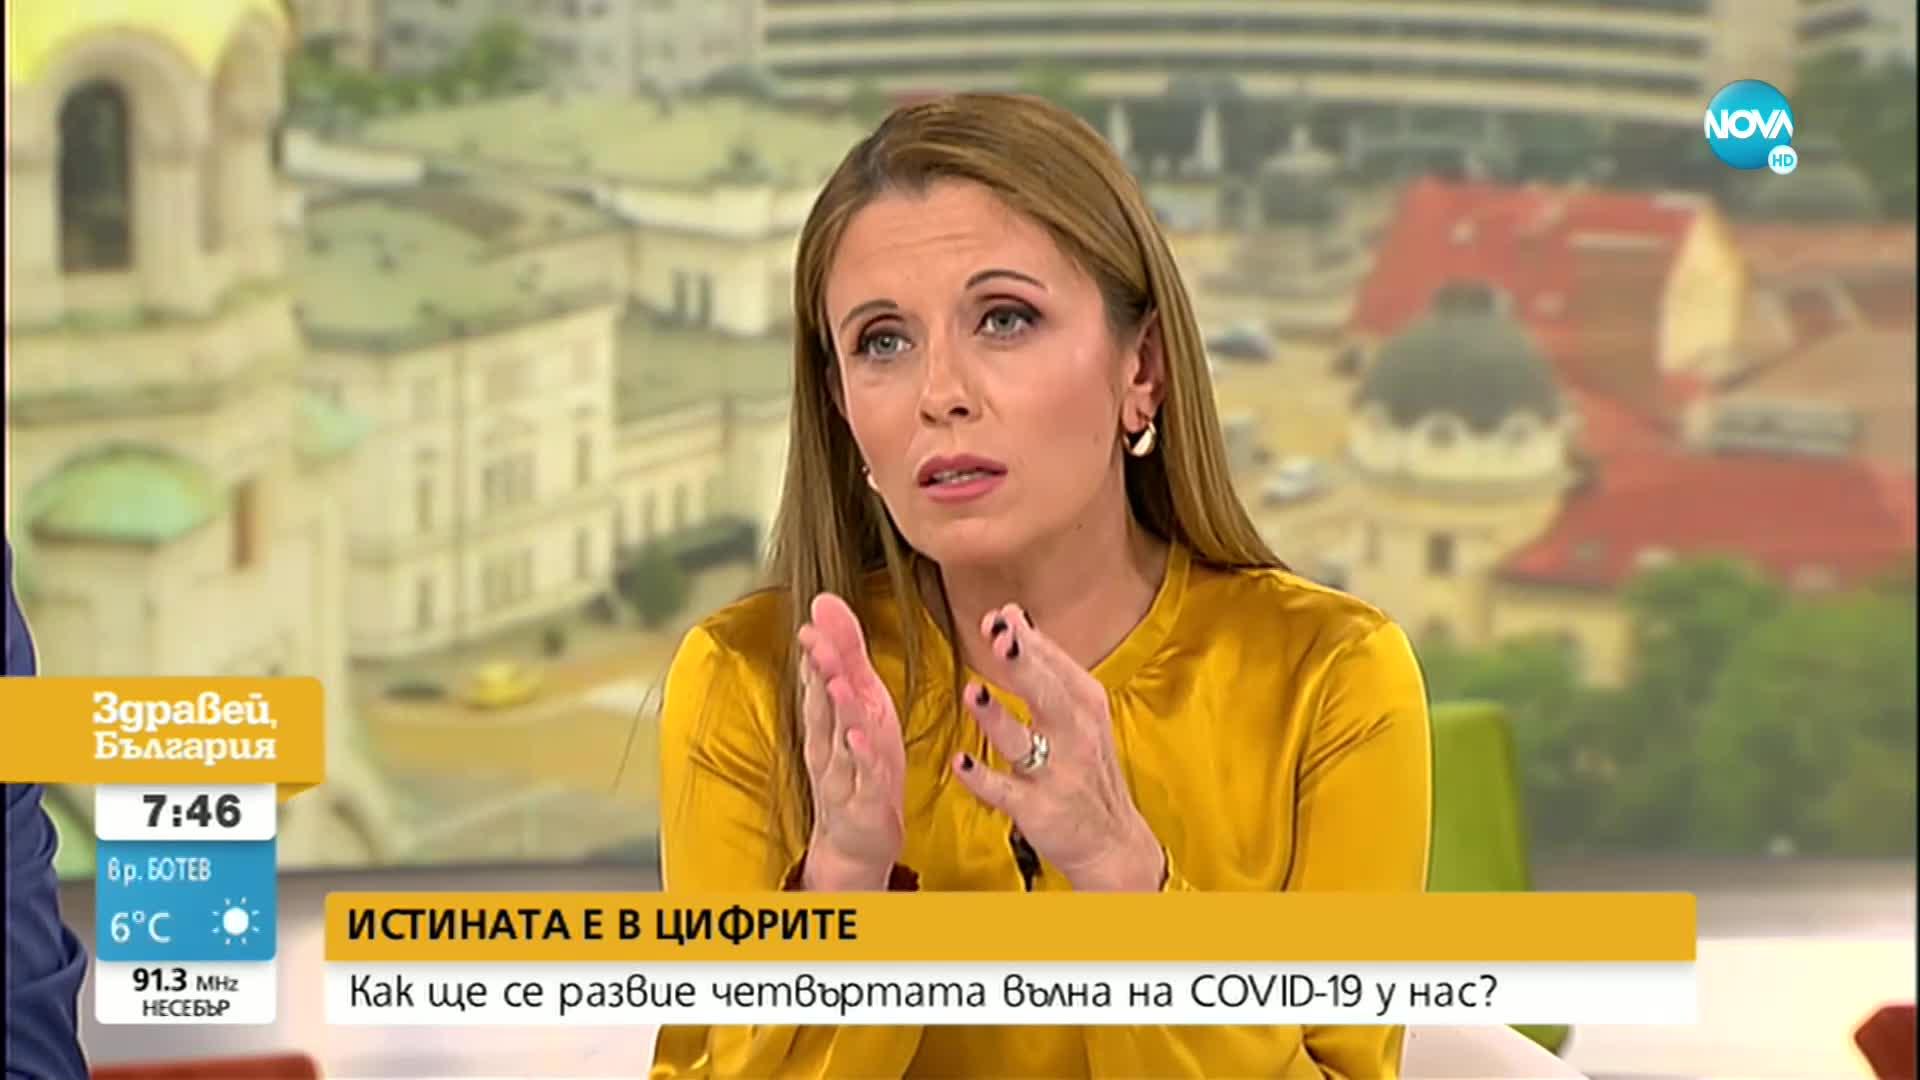 Лъчезар Томов: Отварянето на училищата ще доведе до рязък скок на случаите на COVID-19